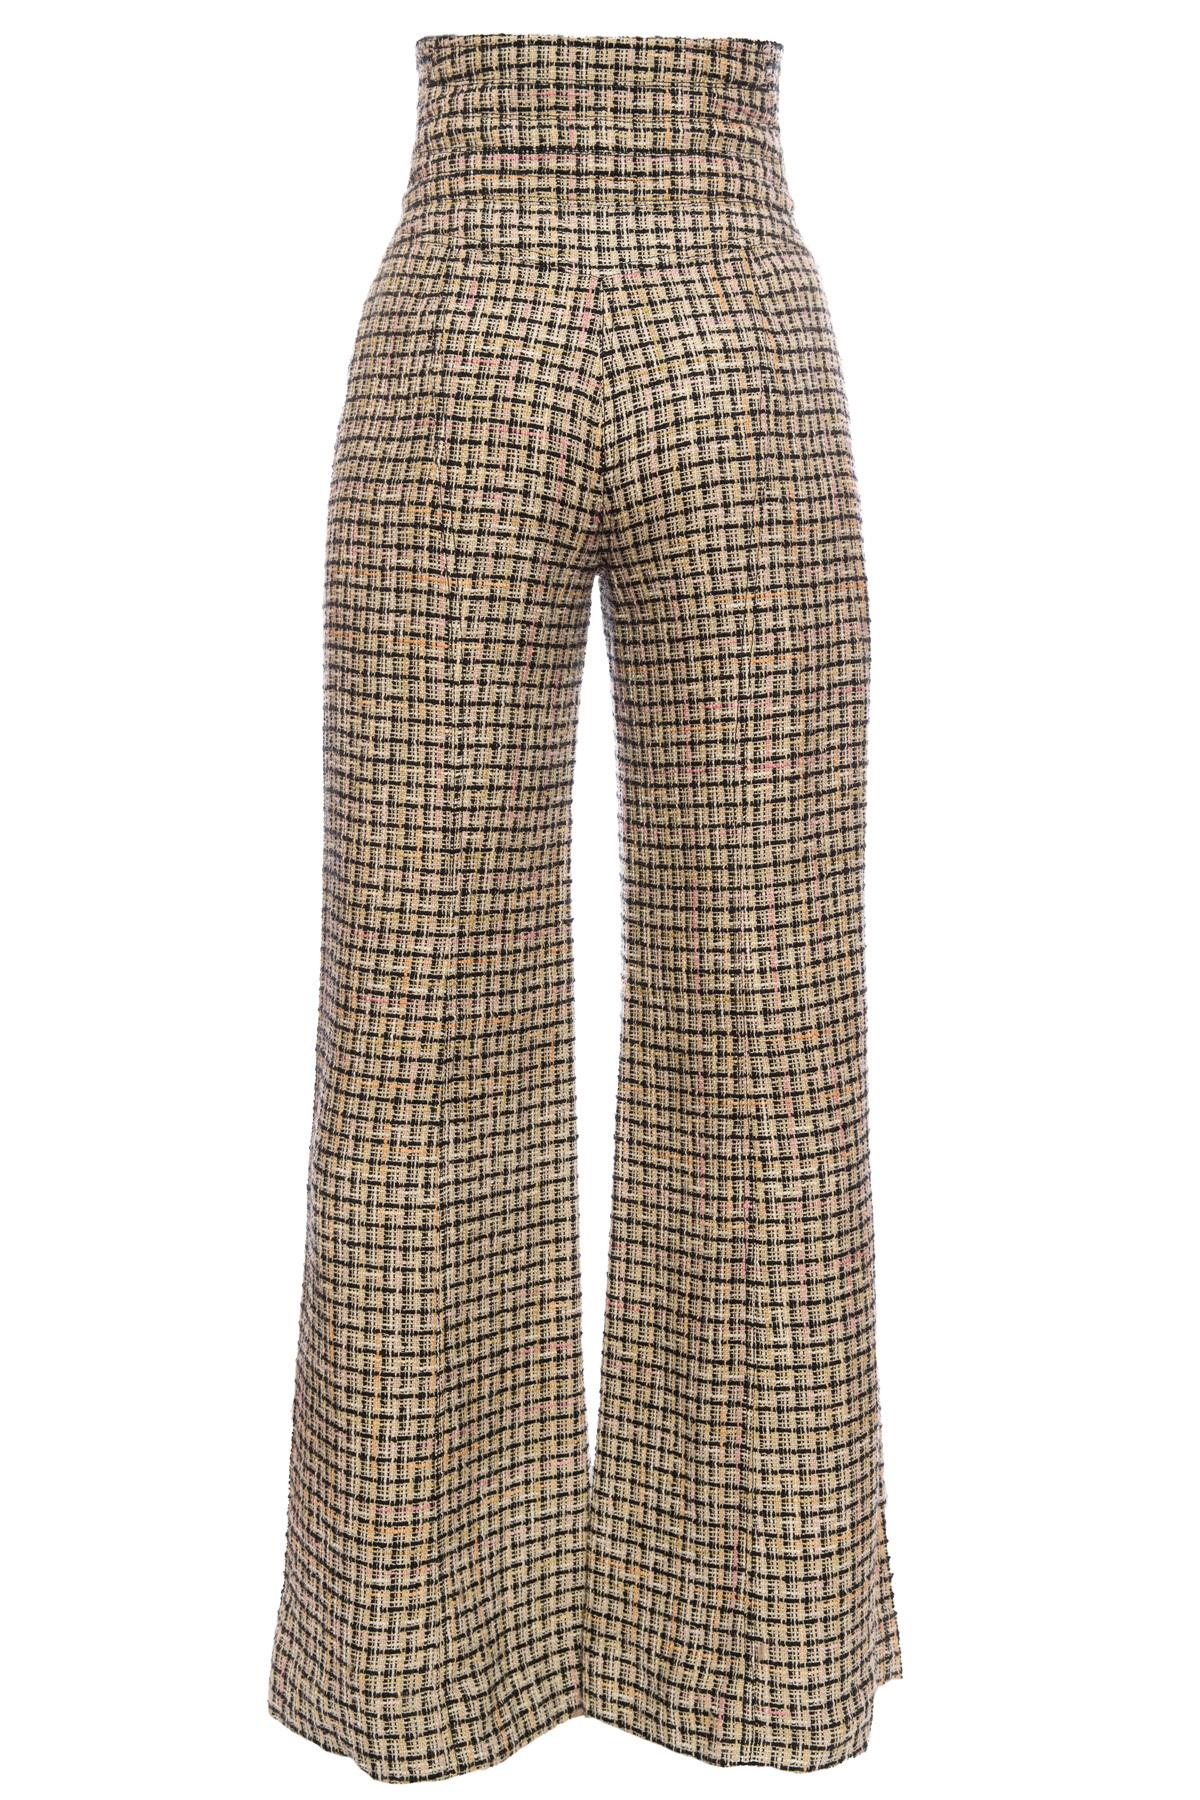 Широкие твидовые брюки с высокой талией, 40 размер.